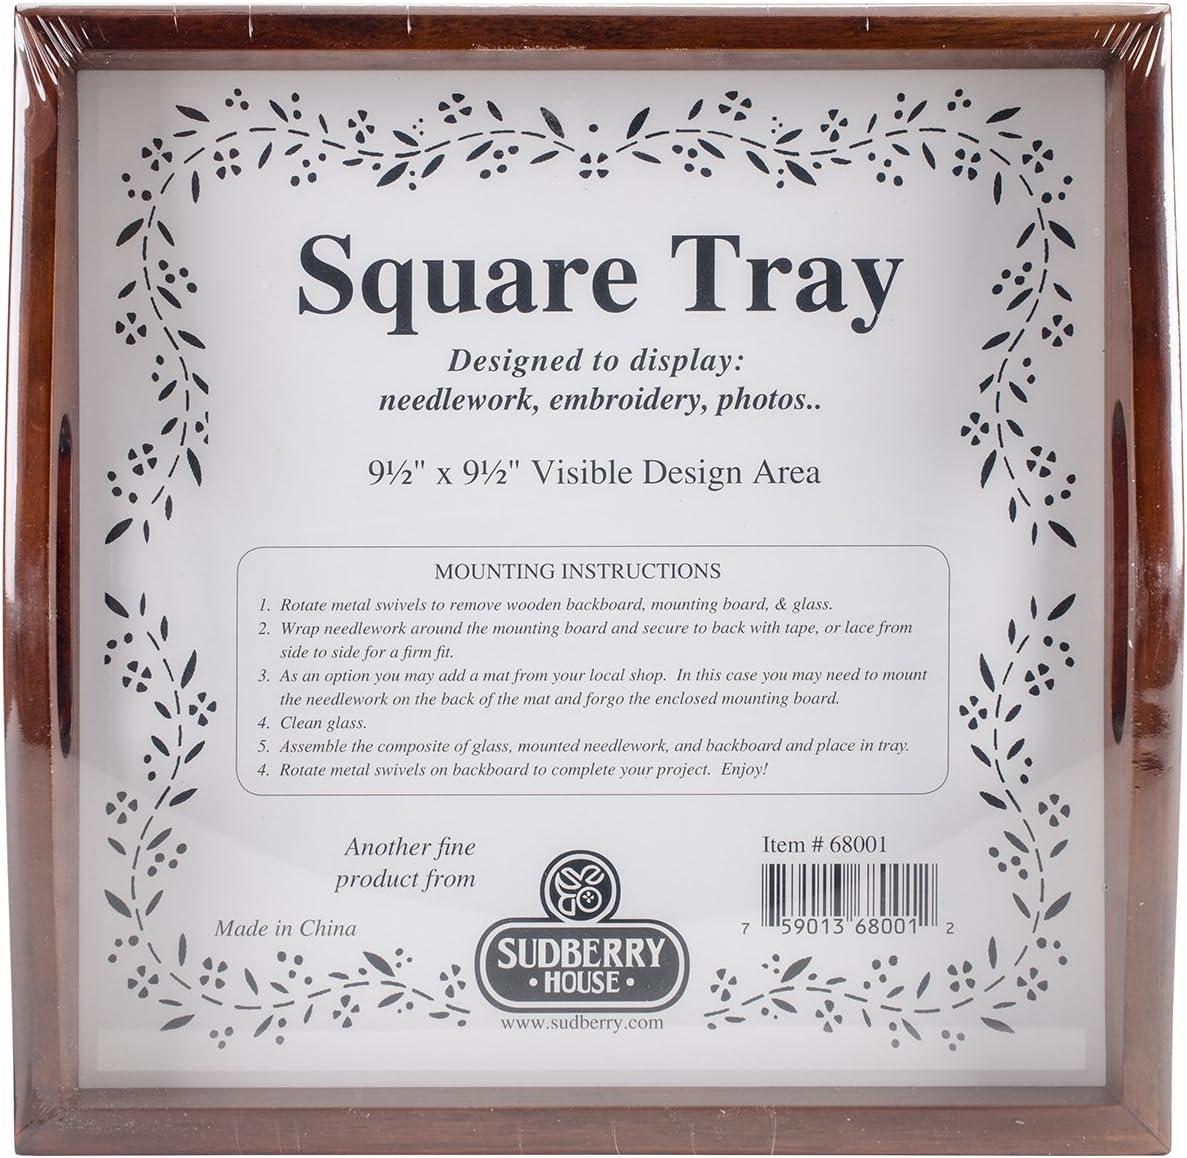 10 X 10 Mahogany Sudberry House 68001 Small Square Tray